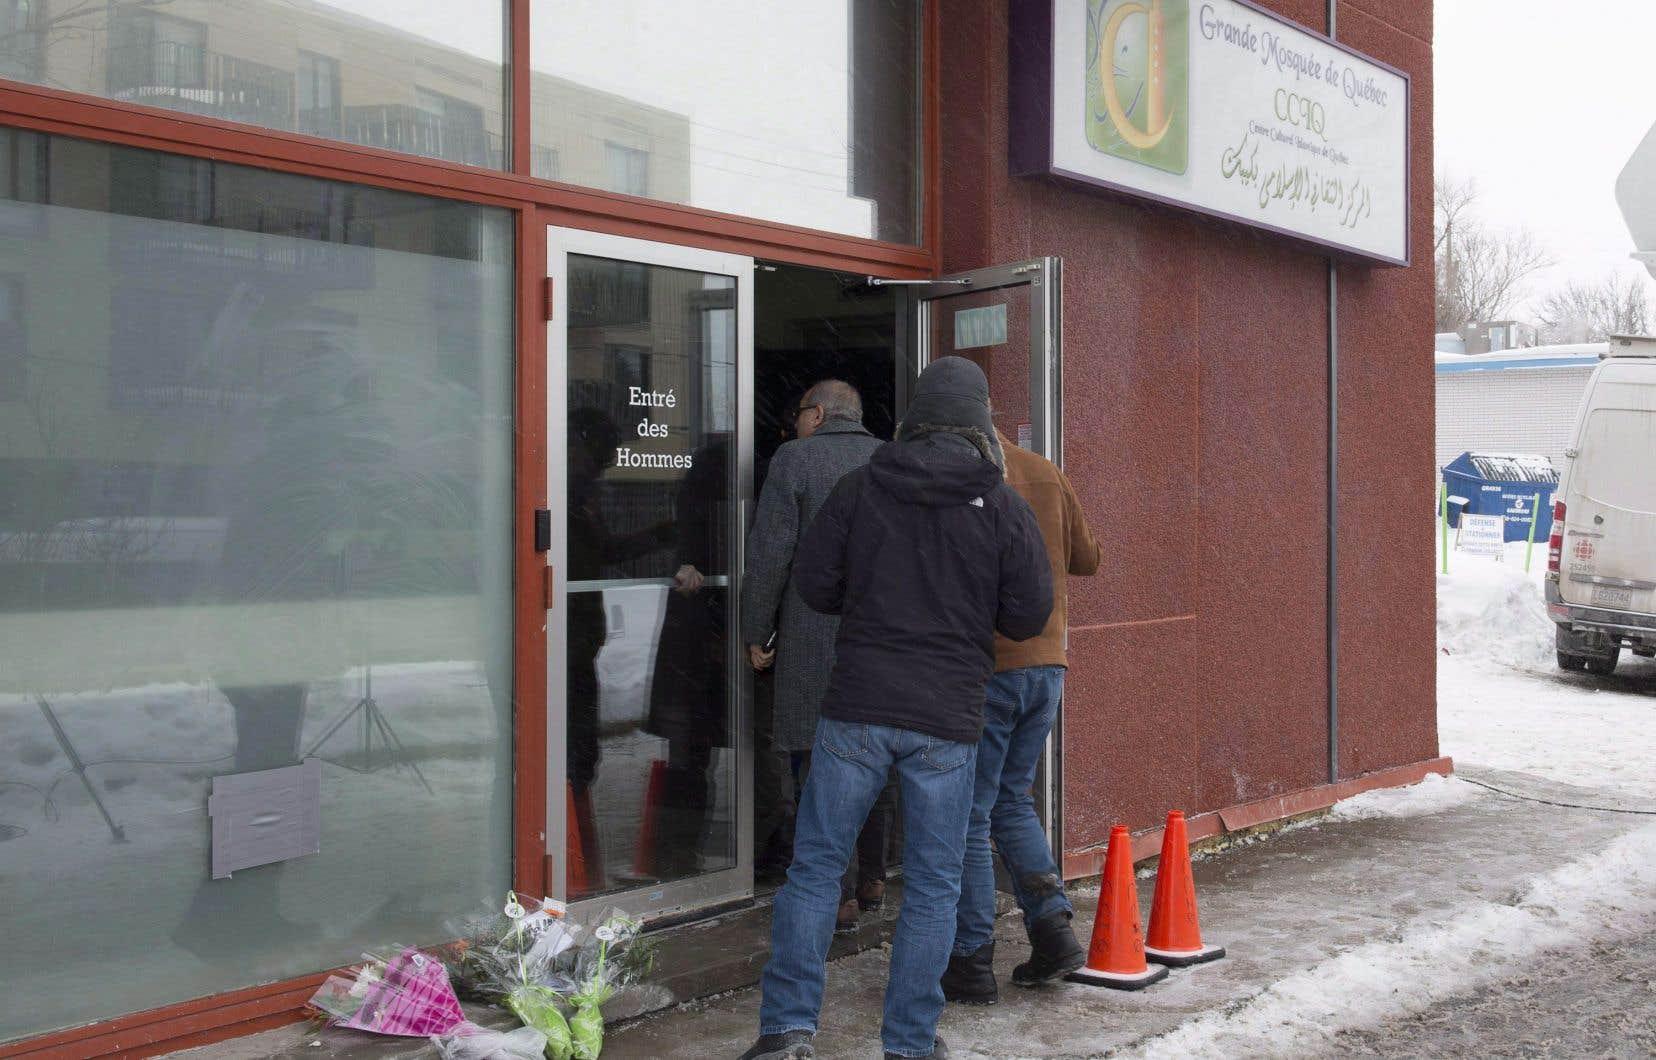 La grande mosquée de Québec a été le site d'une fusillade meurtrière qui a causé la mort de six fidèles, le 29 janvier 2017.